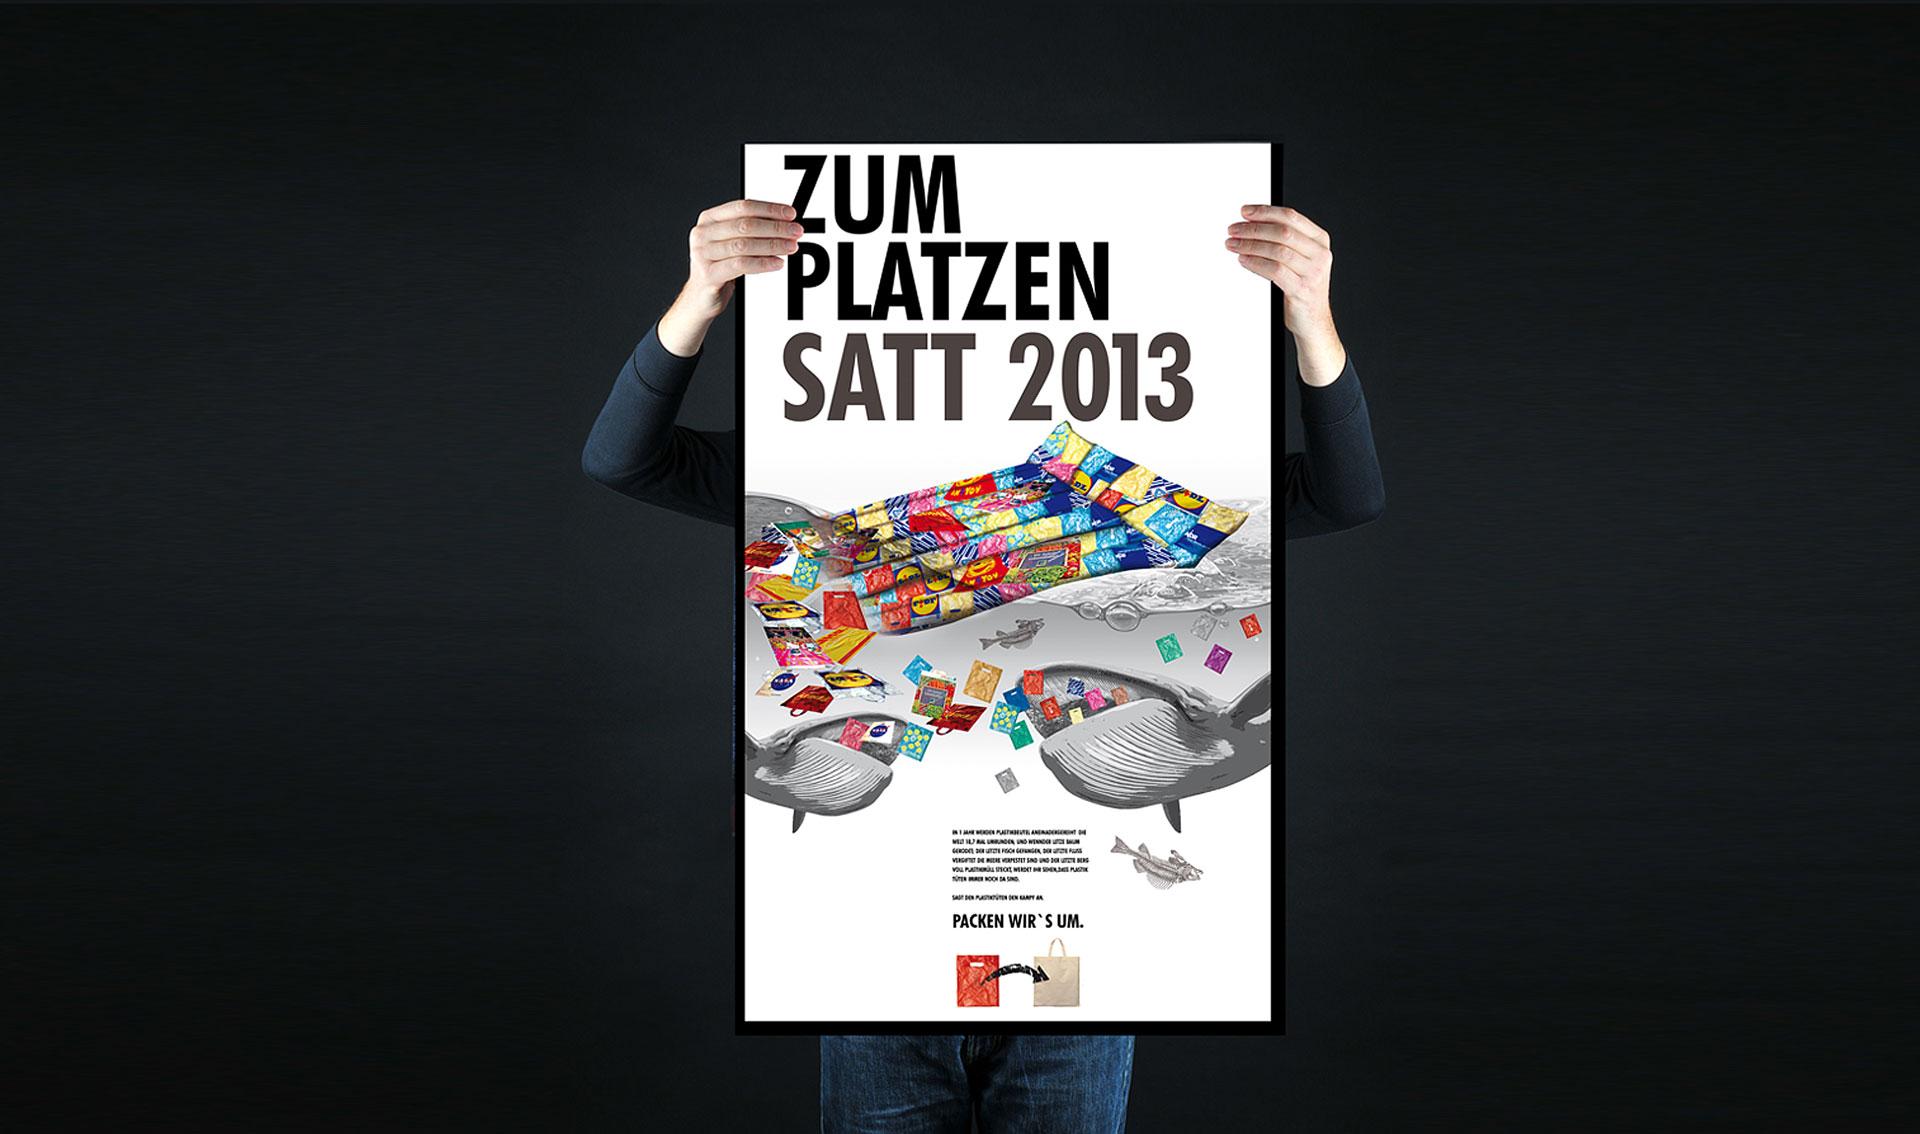 Zum-Platzen-satt